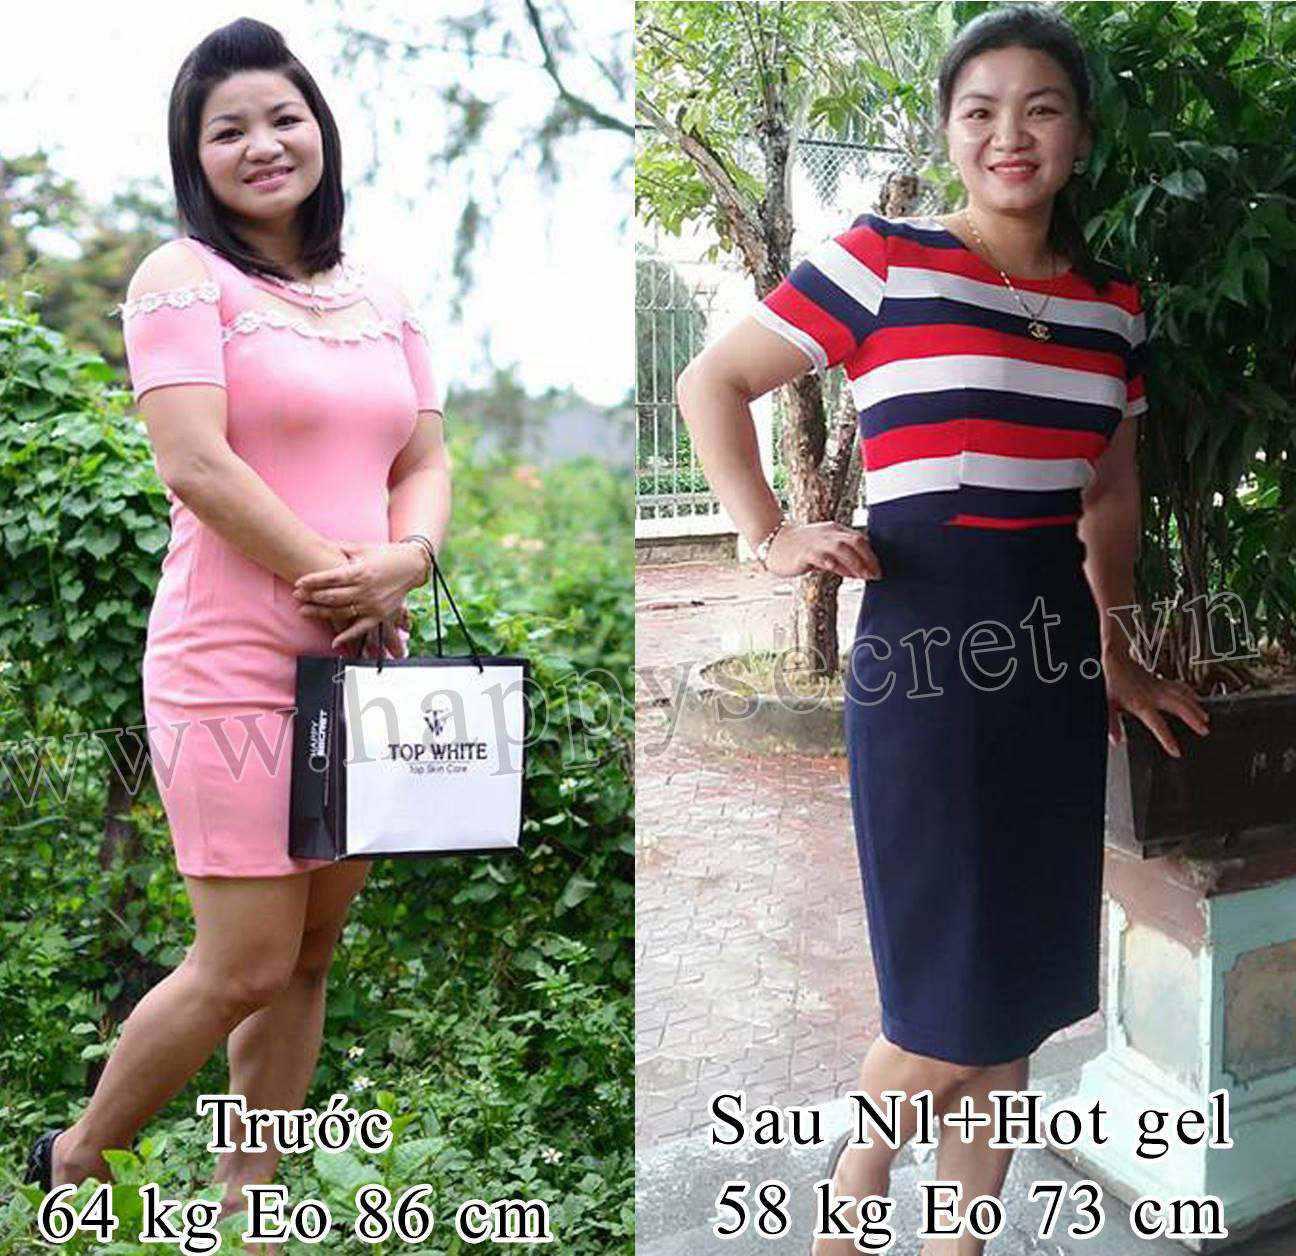 giảm cân sau sinh top white